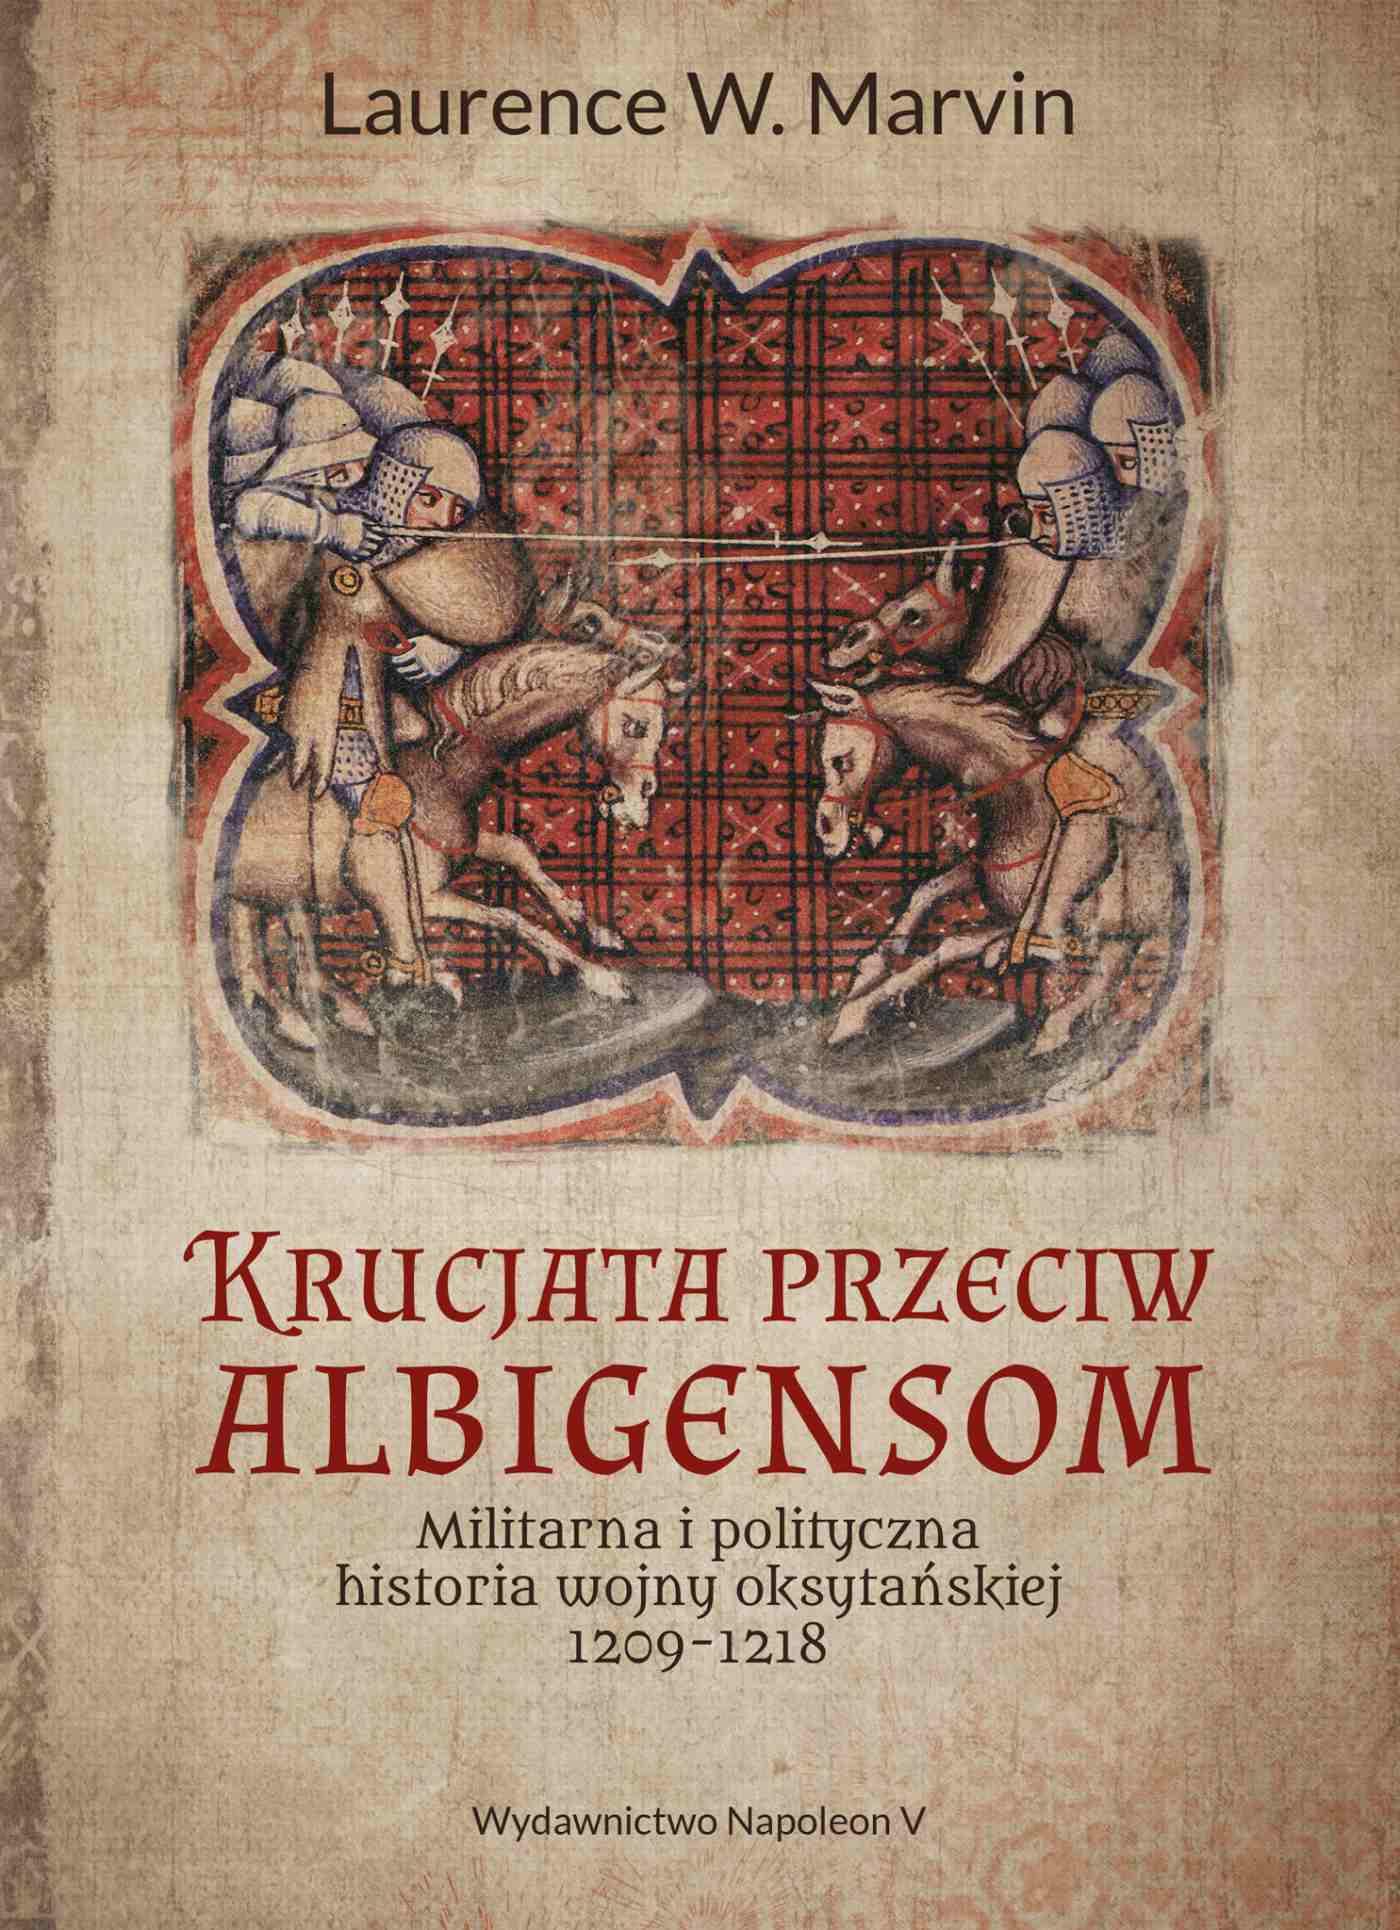 Krucjata przeciw albigensom. Militarna i polityczna historia wojny oksytańskiej, 1209-1218 - Ebook (Książka EPUB) do pobrania w formacie EPUB